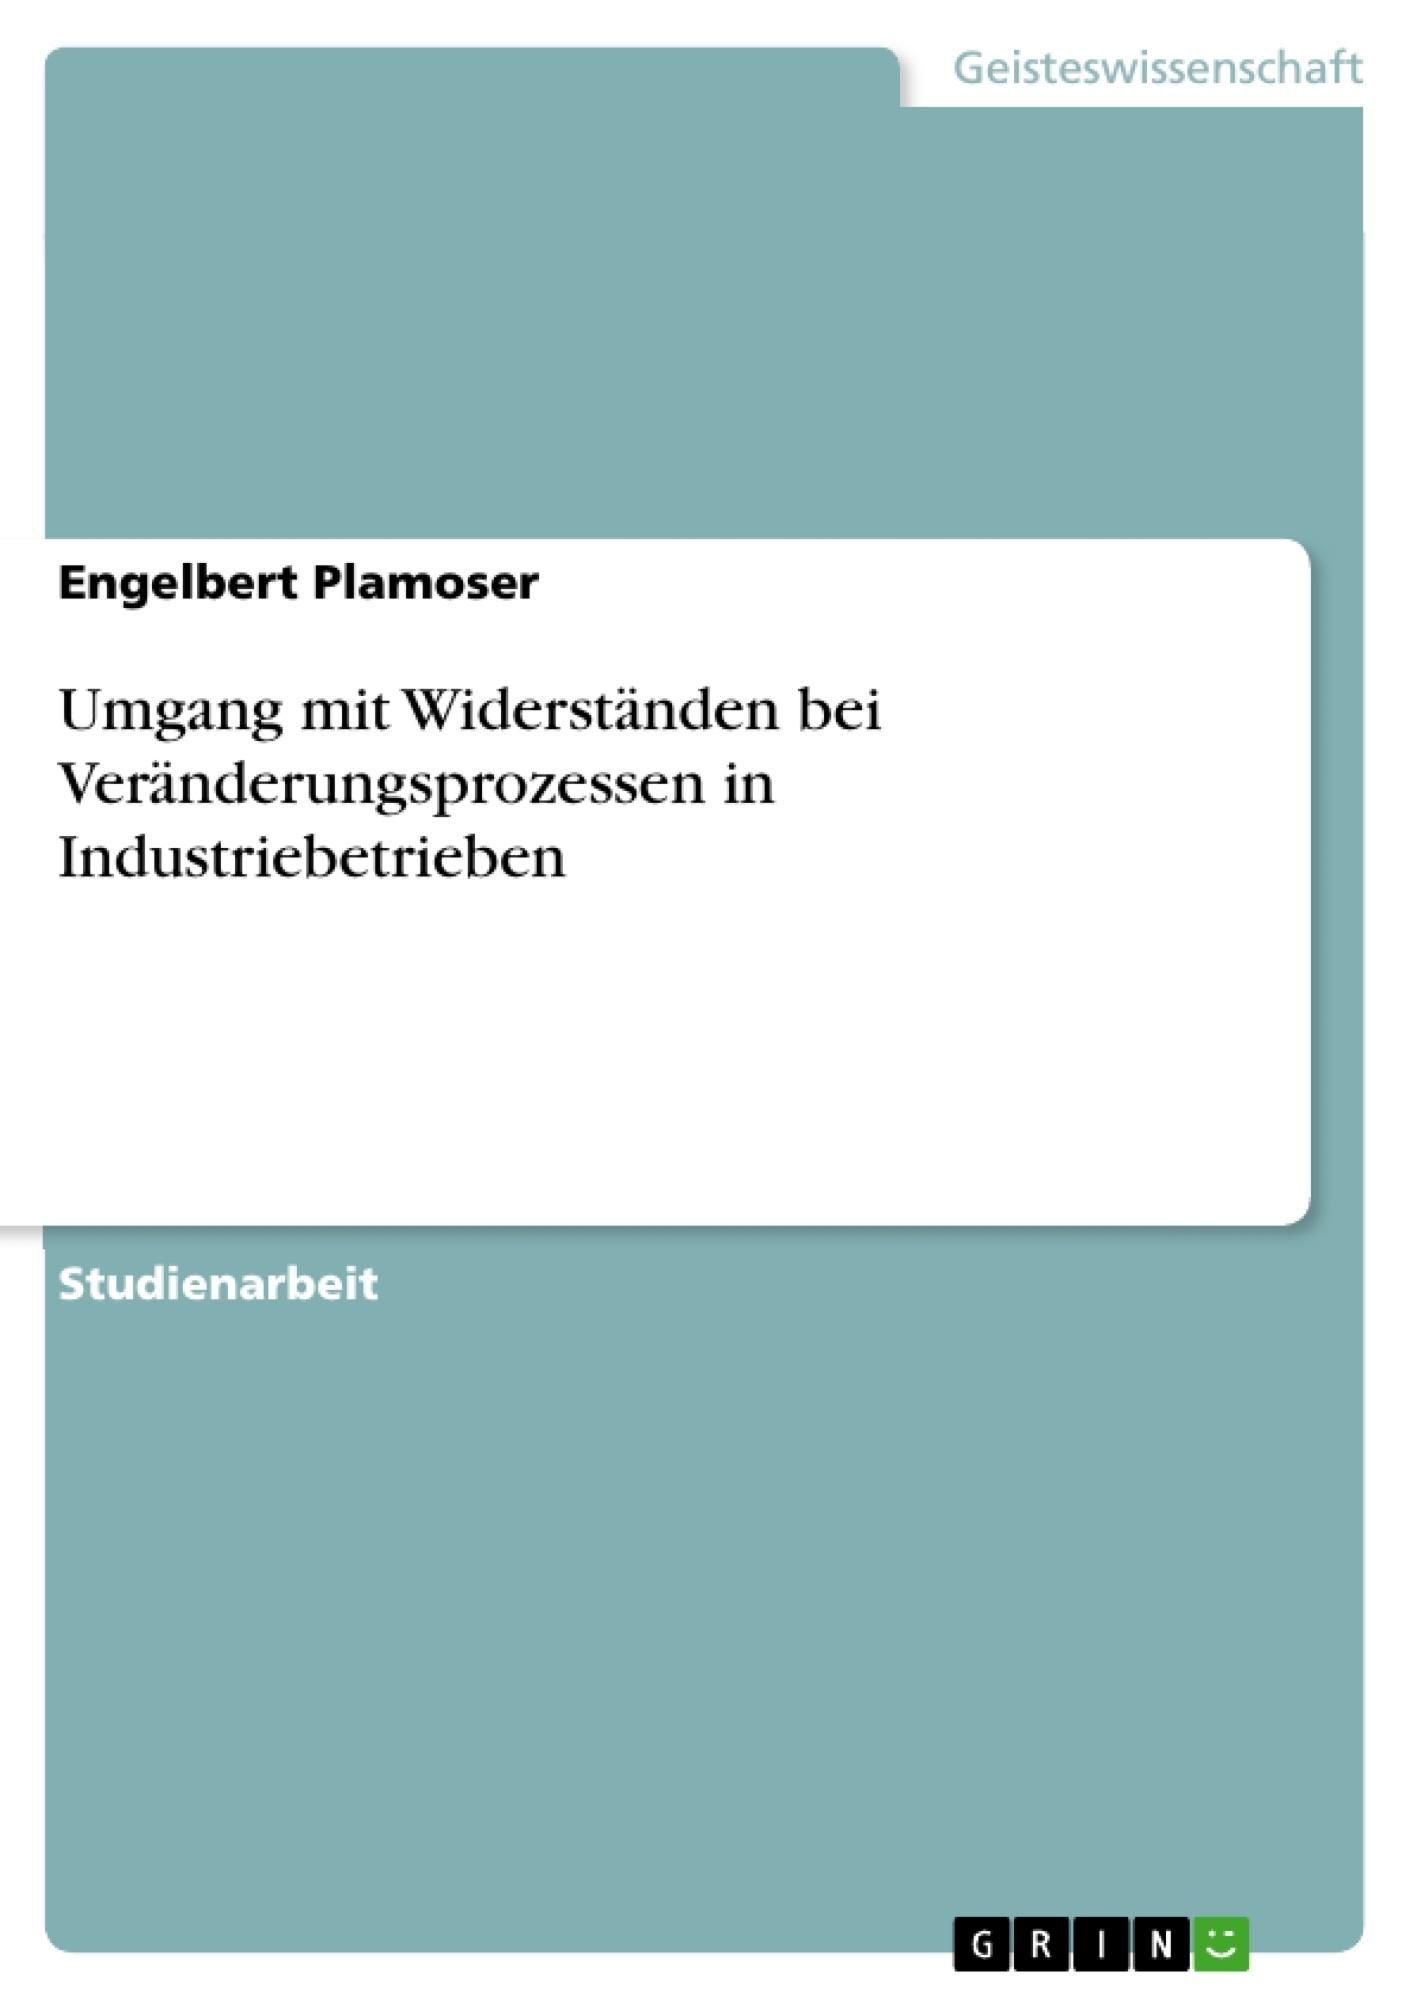 Titel: Umgang mit Widerständen bei Veränderungsprozessen in Industriebetrieben